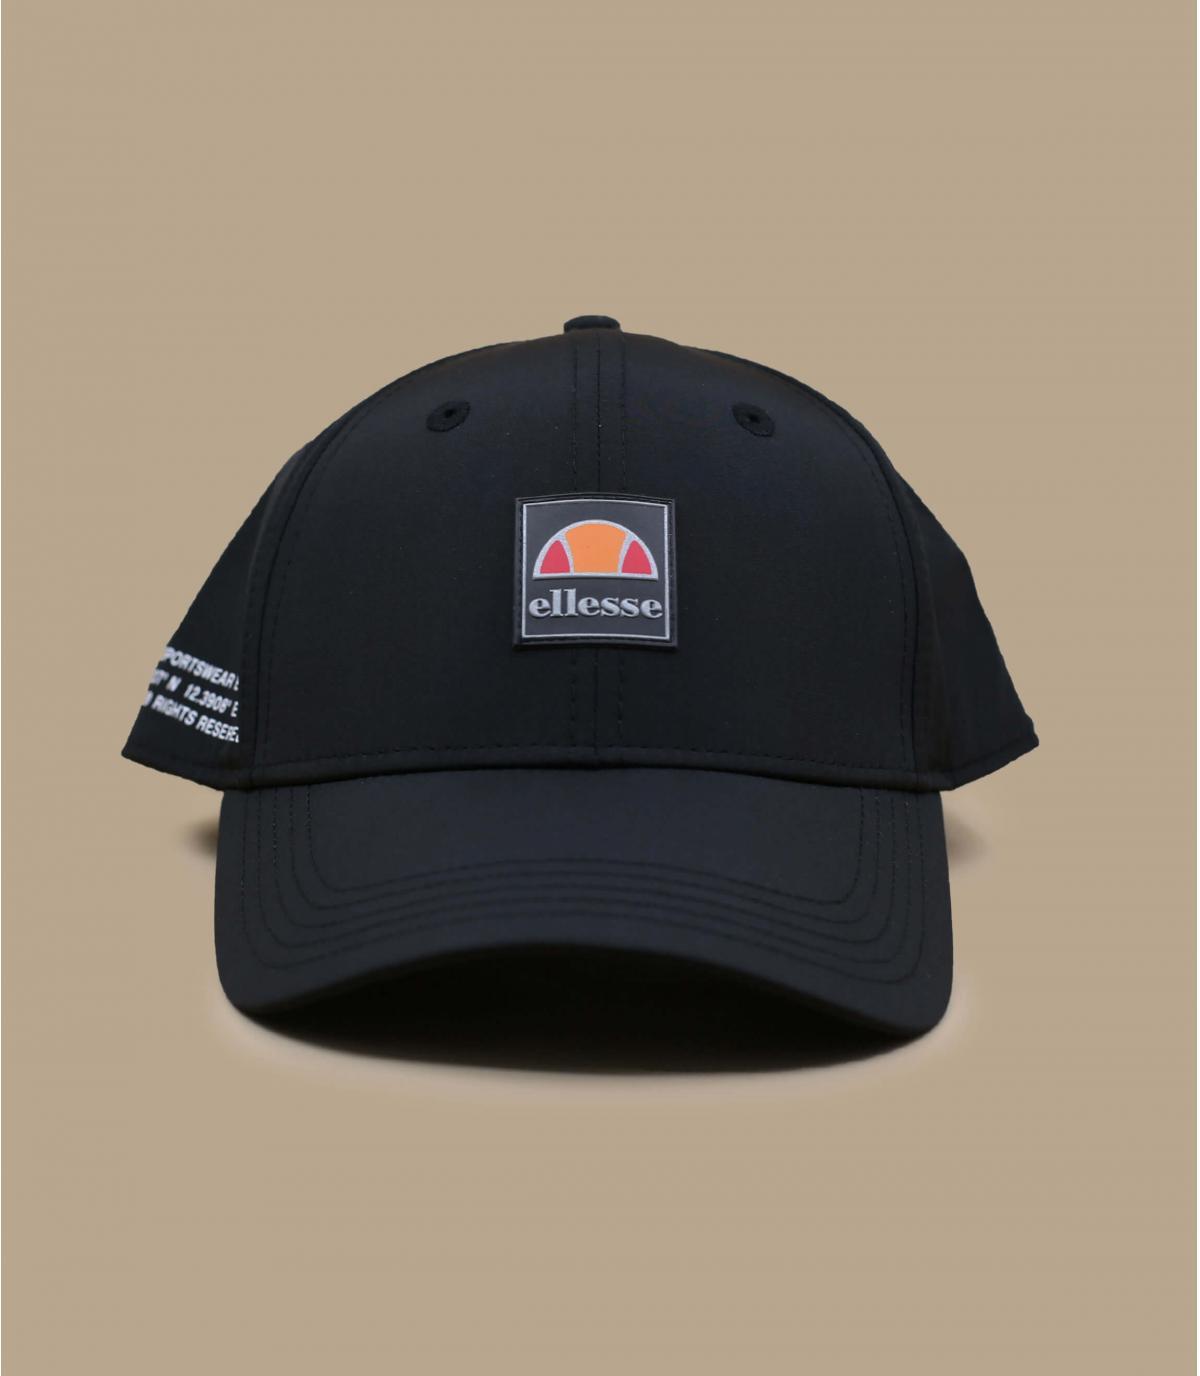 cappellino Ellesse nero